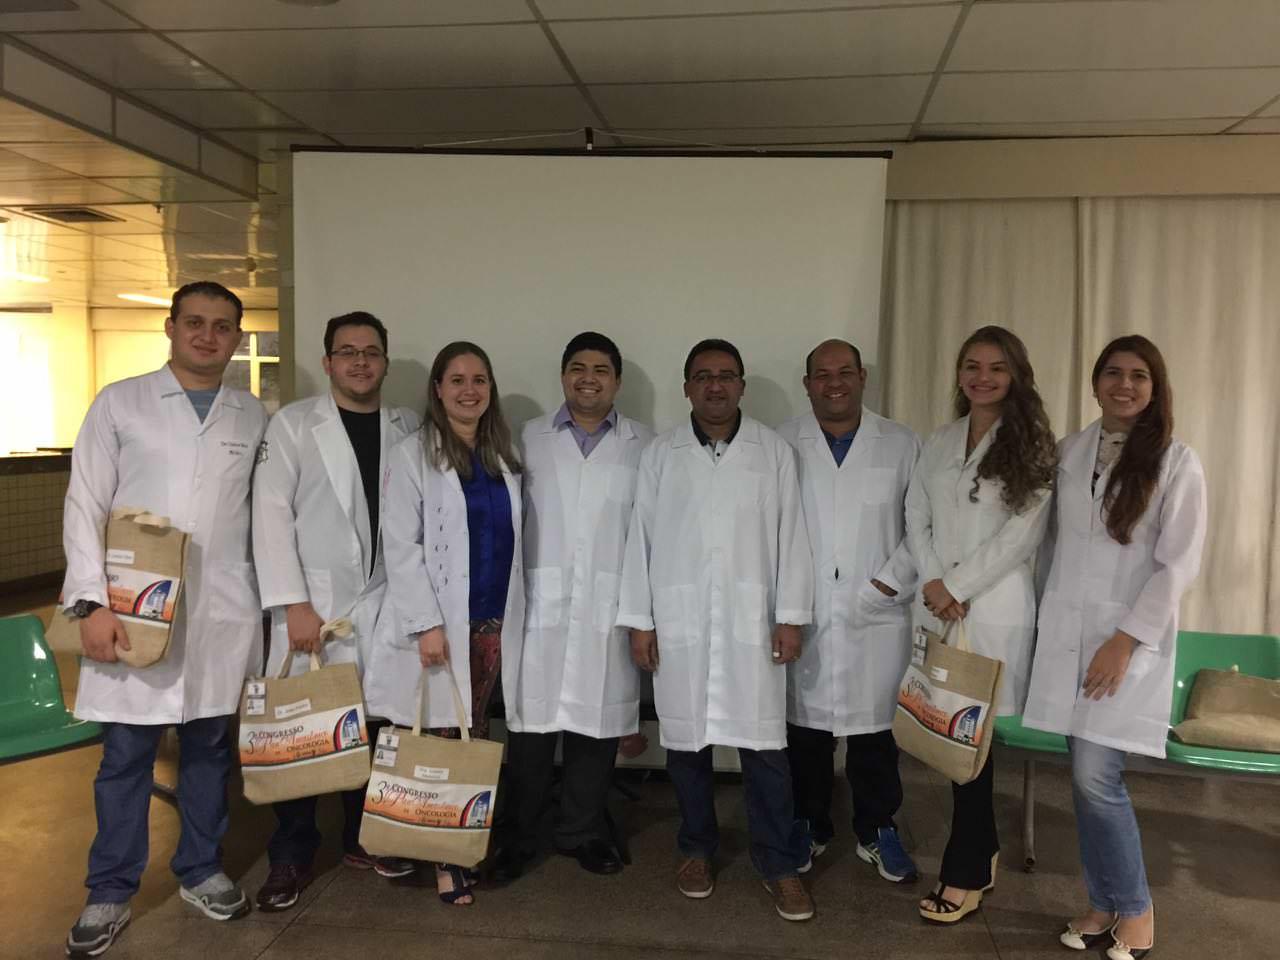 FCecon forma especialistas em diversas áreas da medicina